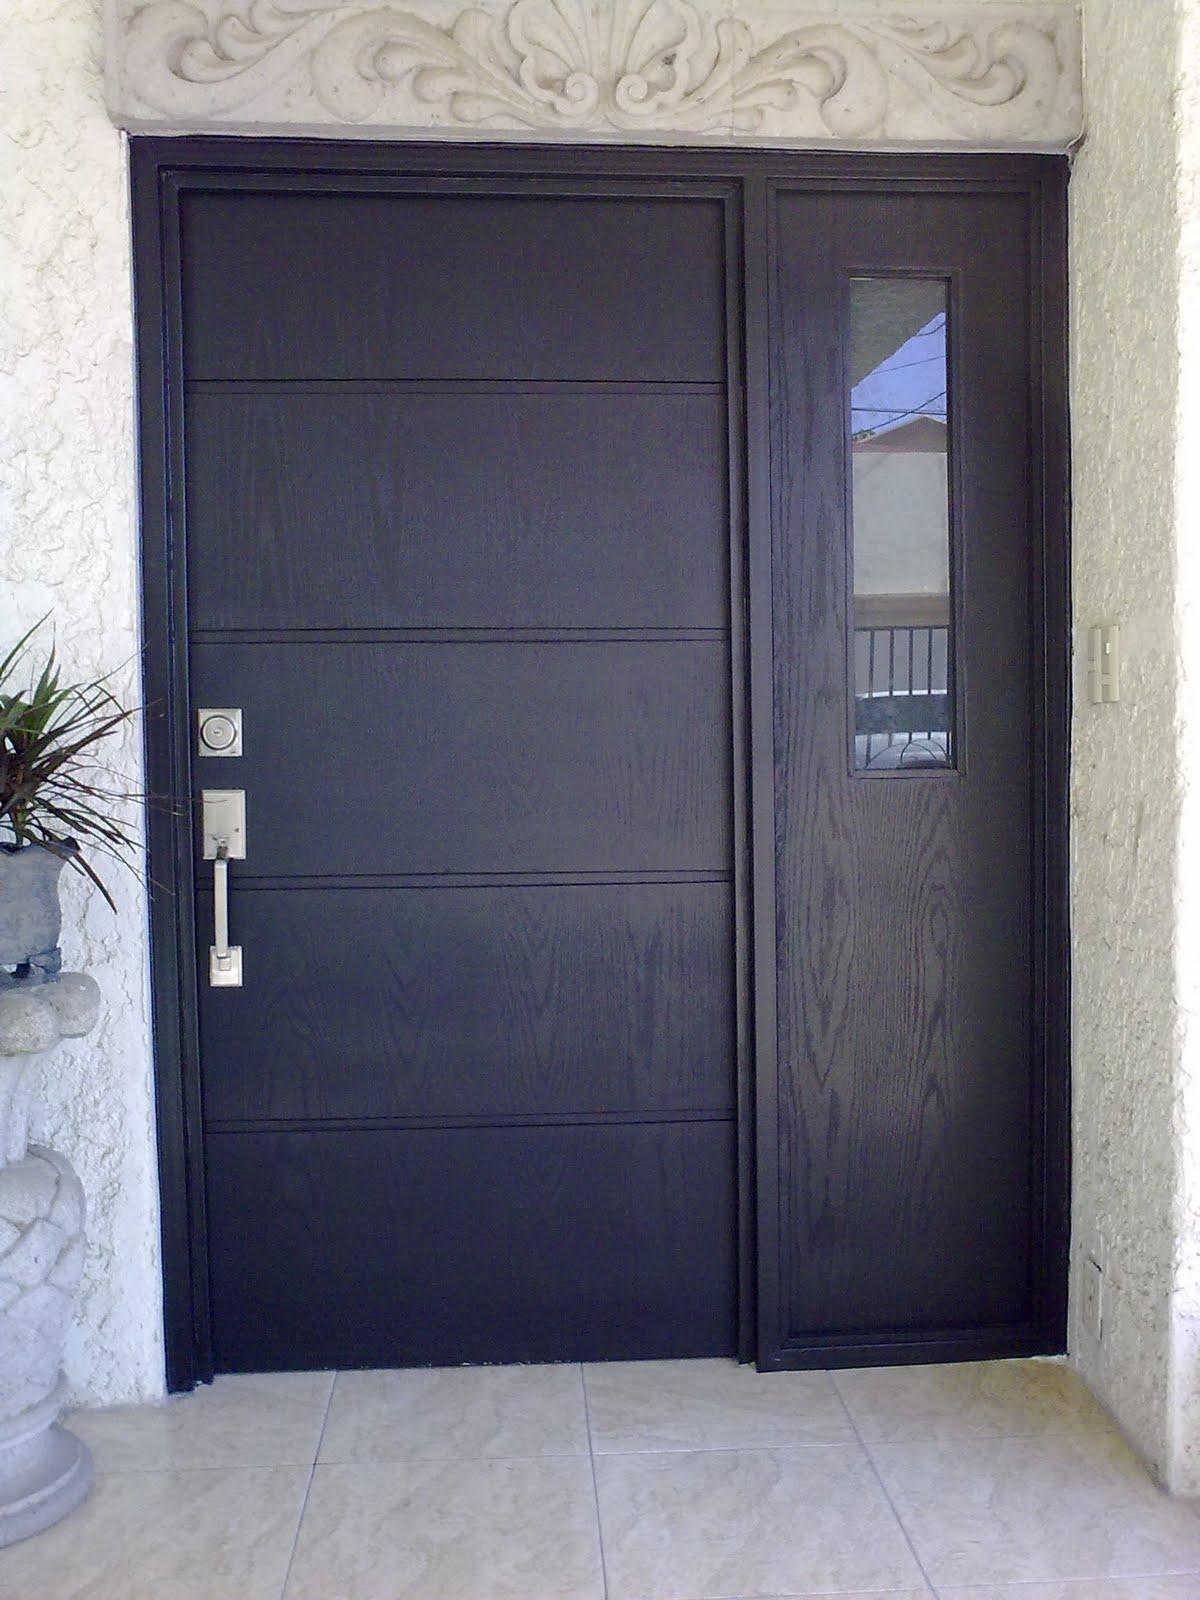 Puertas closets y mas fibra de vidrio contemporanea - Puertas de fibra de vidrio ...